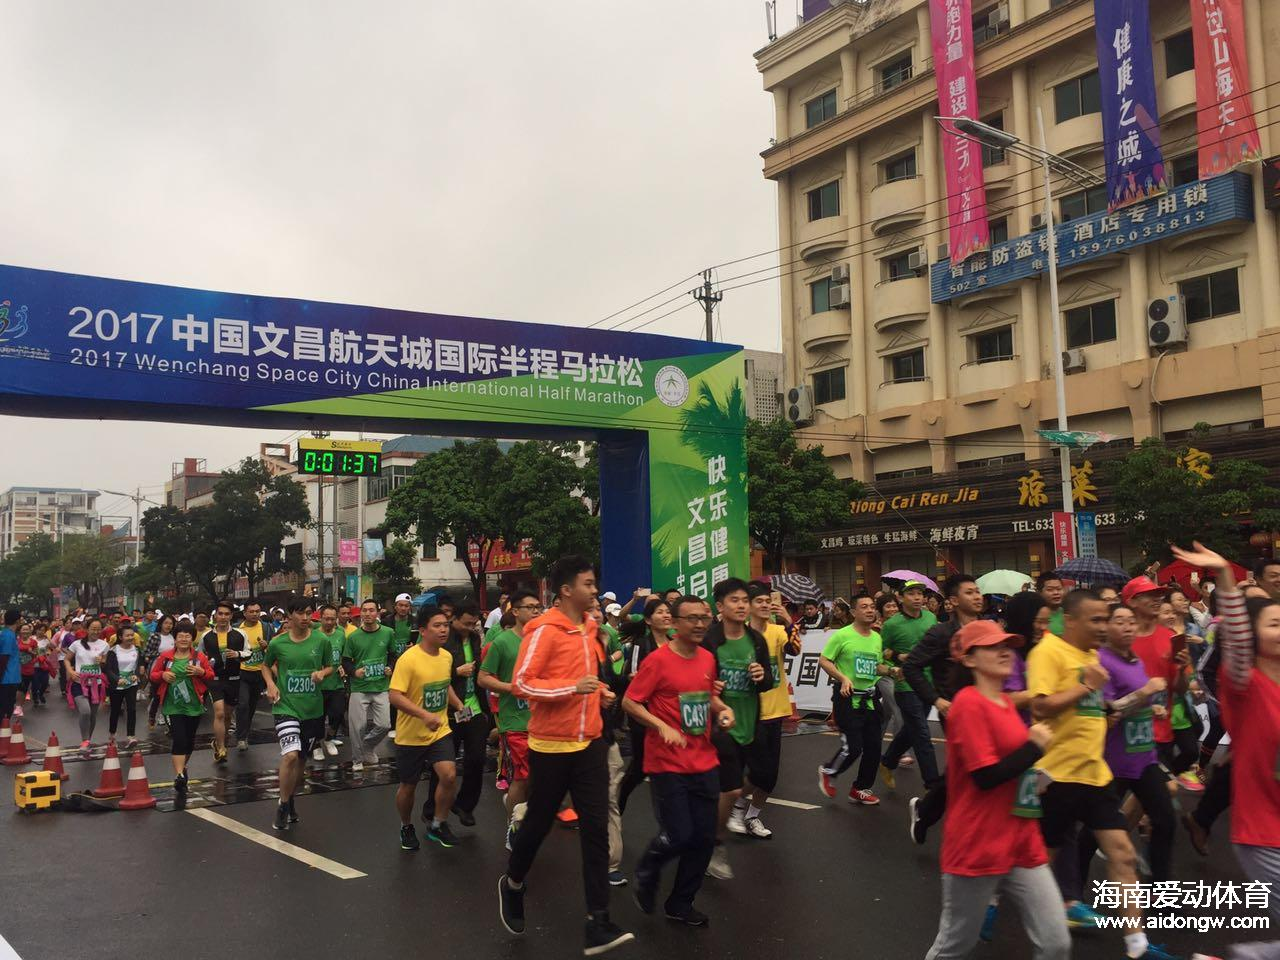 2017中国文昌航天城国际半程马拉松落幕 万人乐享侨乡魅力